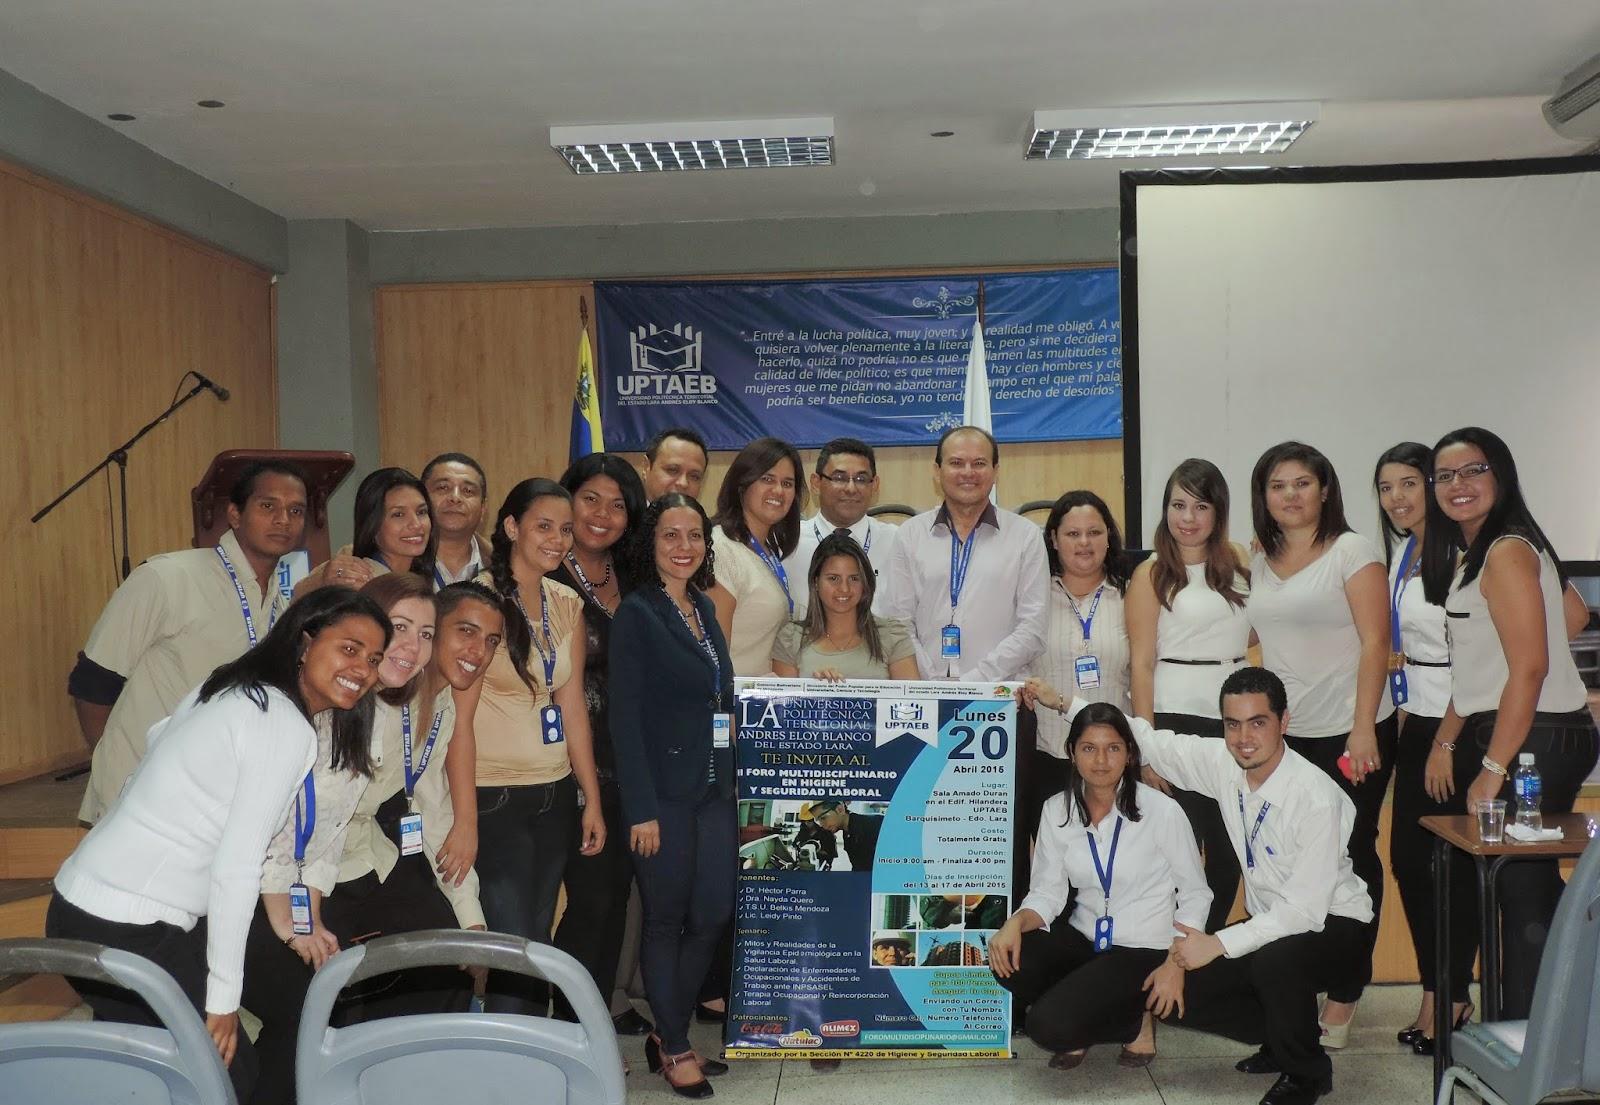 Dr Hector Parra, Ponente, Foro Multidisciplinario,Higiene y Seguridad Laboral